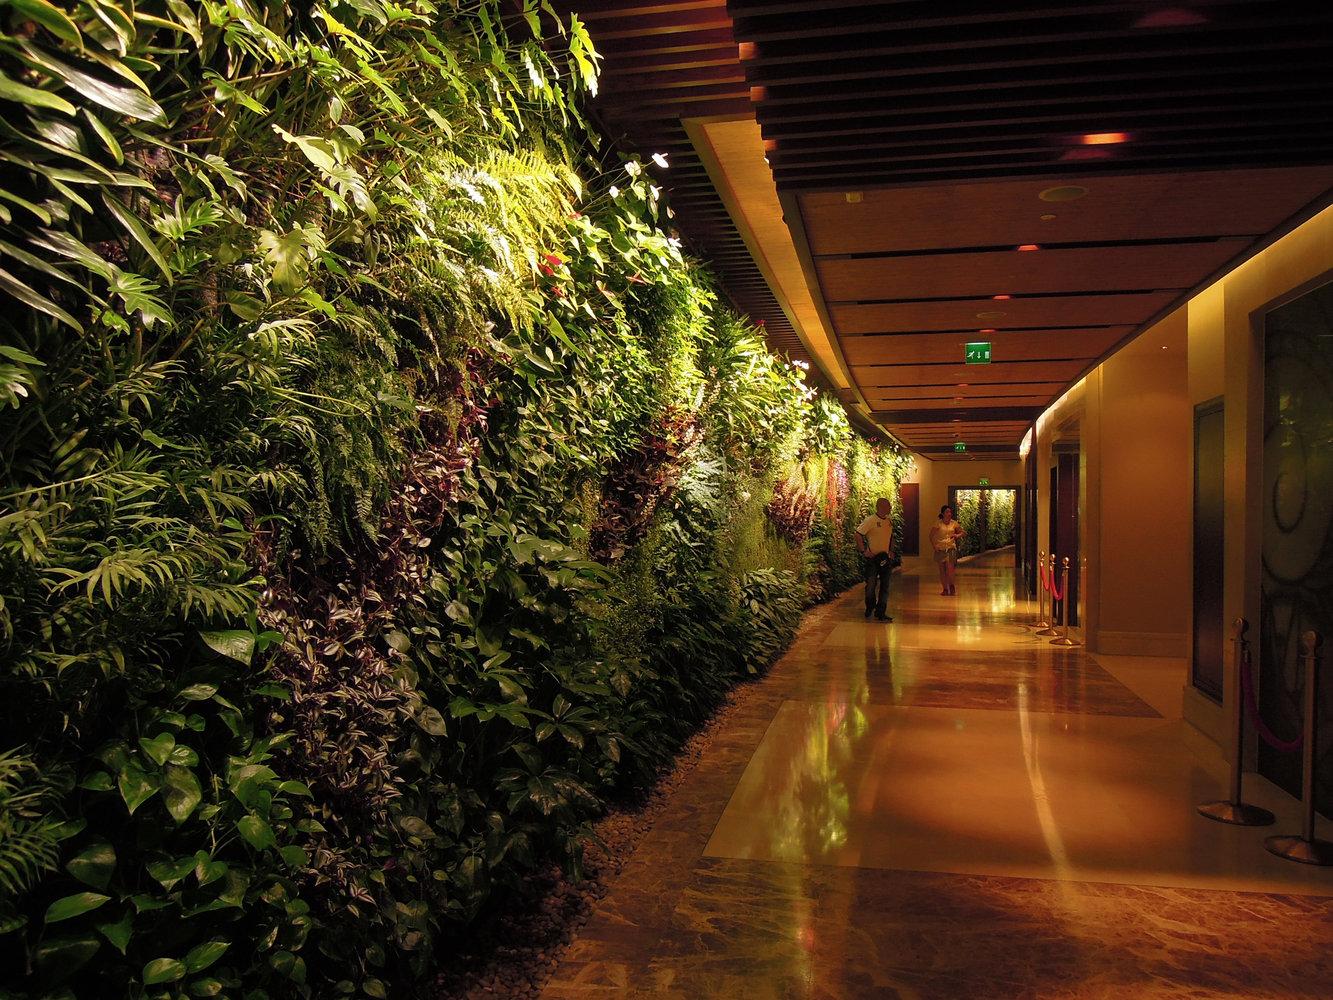 Sofitel palm jumeirah dubai vertical garden patrick blanc vertical garden in the corridor sofitel palm jumeirah dubai sciox Image collections